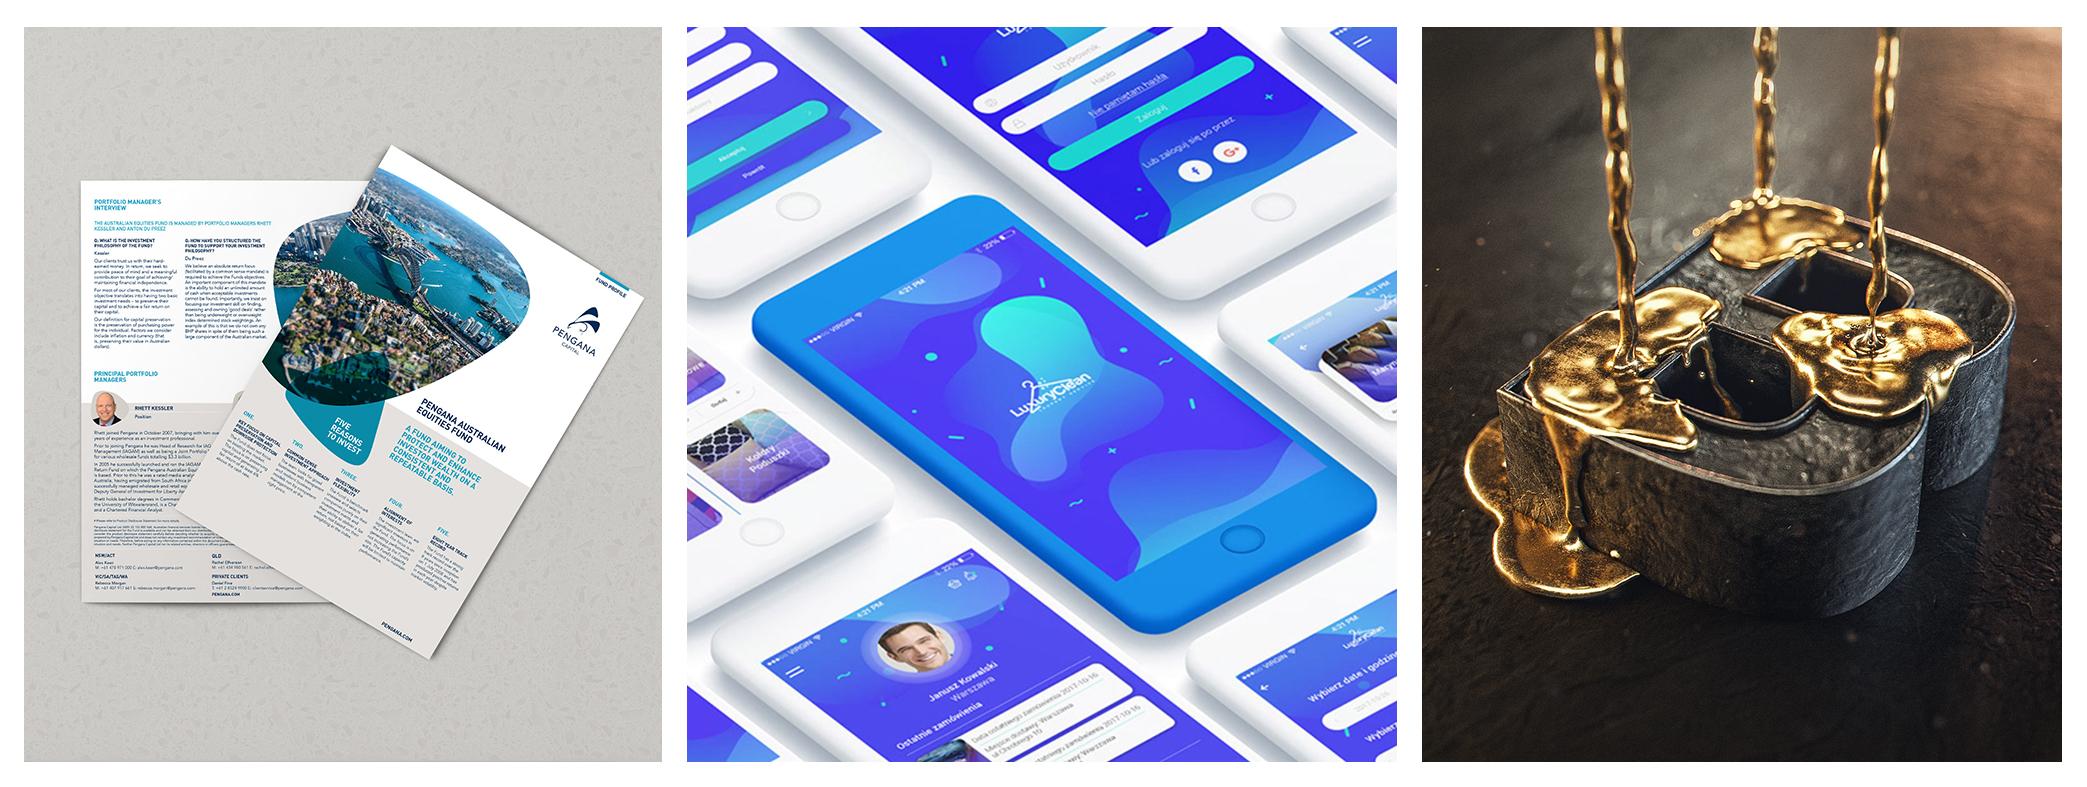 Image credit:  Pengana Capital fund profile  /  LuxuryClean app design  /  Liquid Gold render